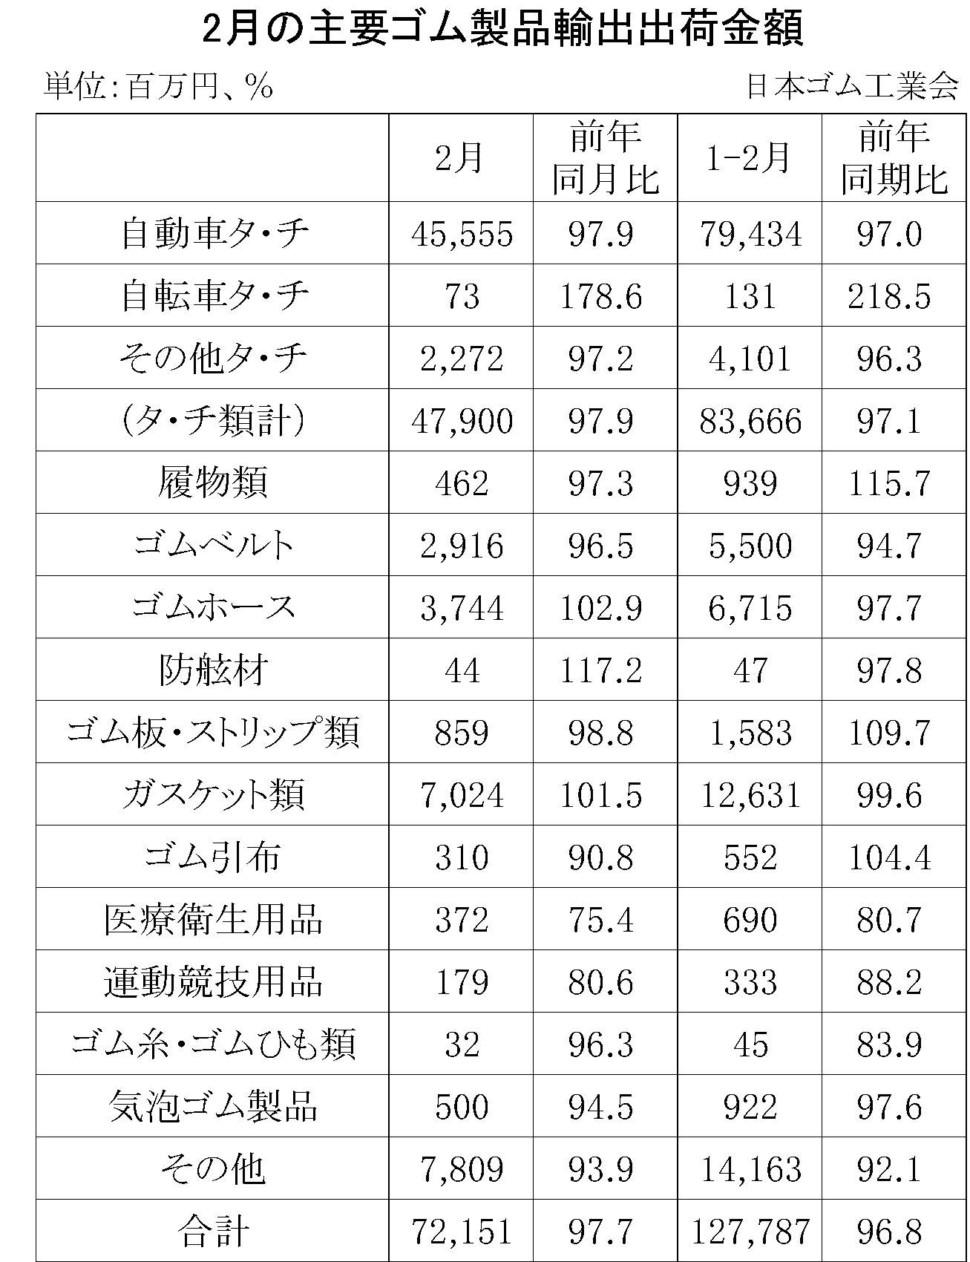 2月のゴム製品輸出